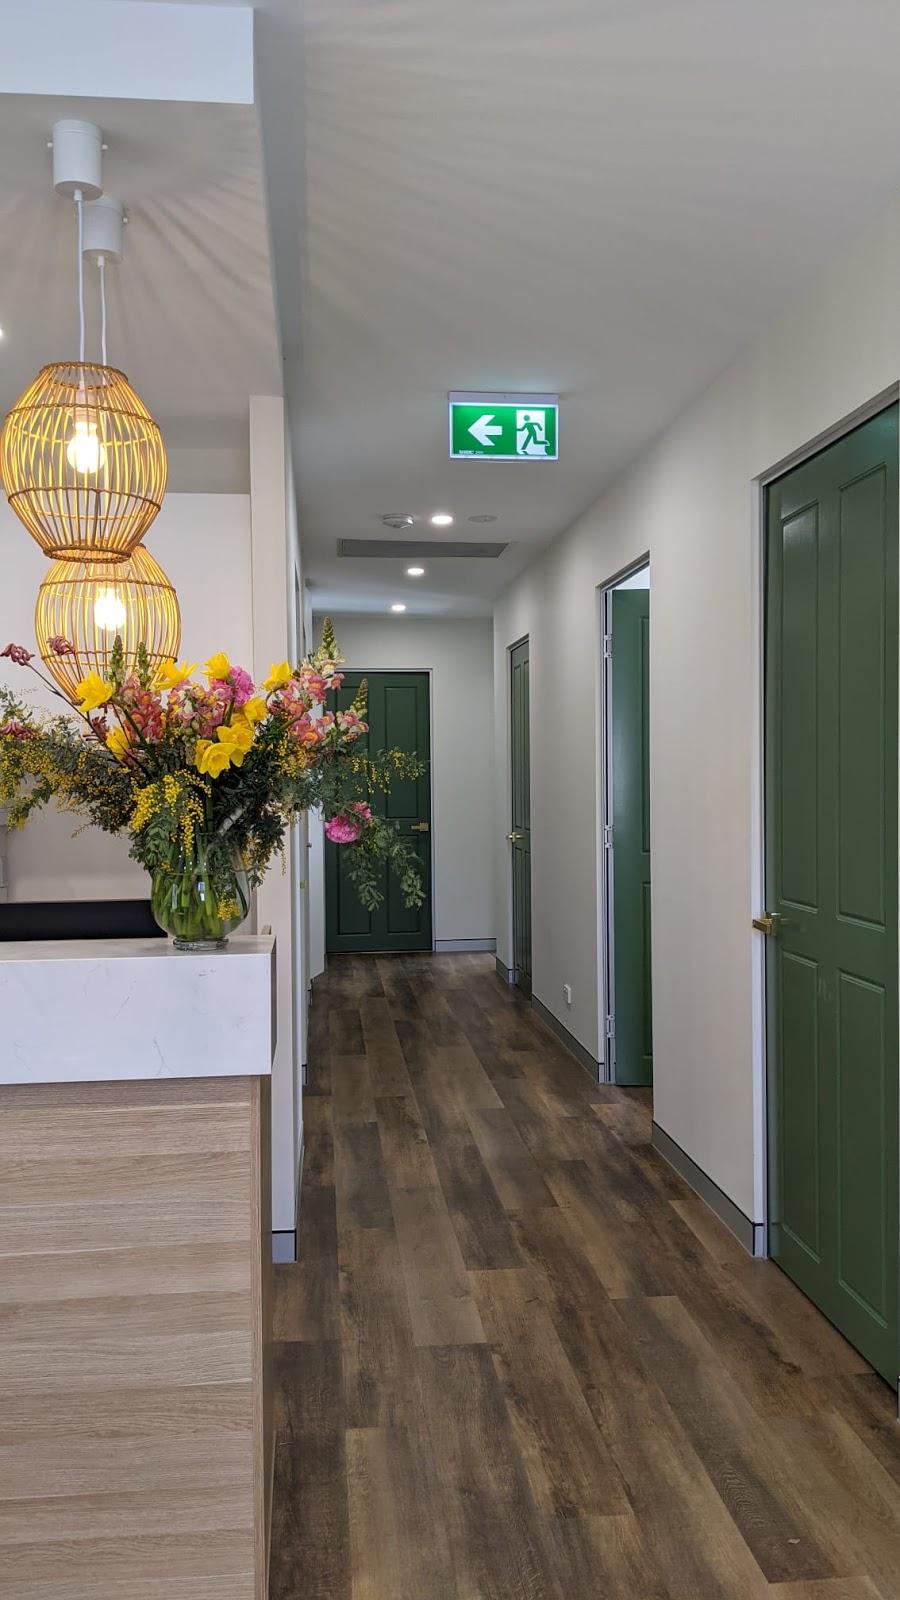 Green Door Medical Bargo   hospital   1 Noongah St, Bargo NSW 2574, Australia   0272291866 OR +61 2 7229 1866